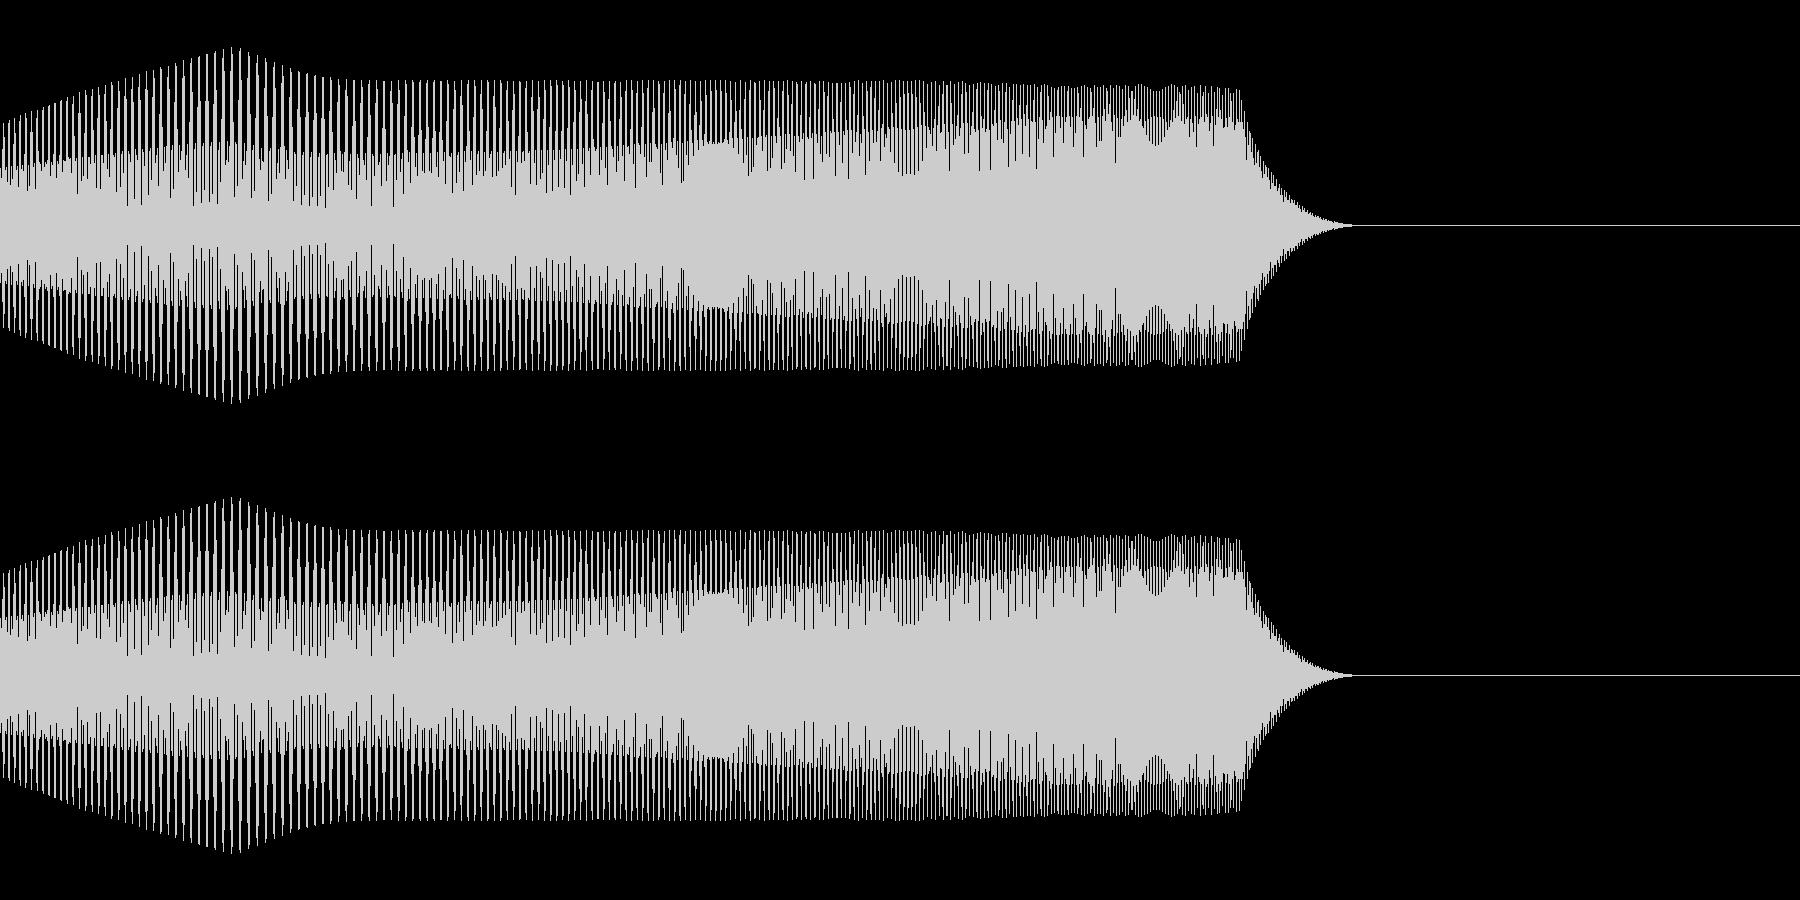 ぽいっ(選択/ポップ/かわいい)の未再生の波形